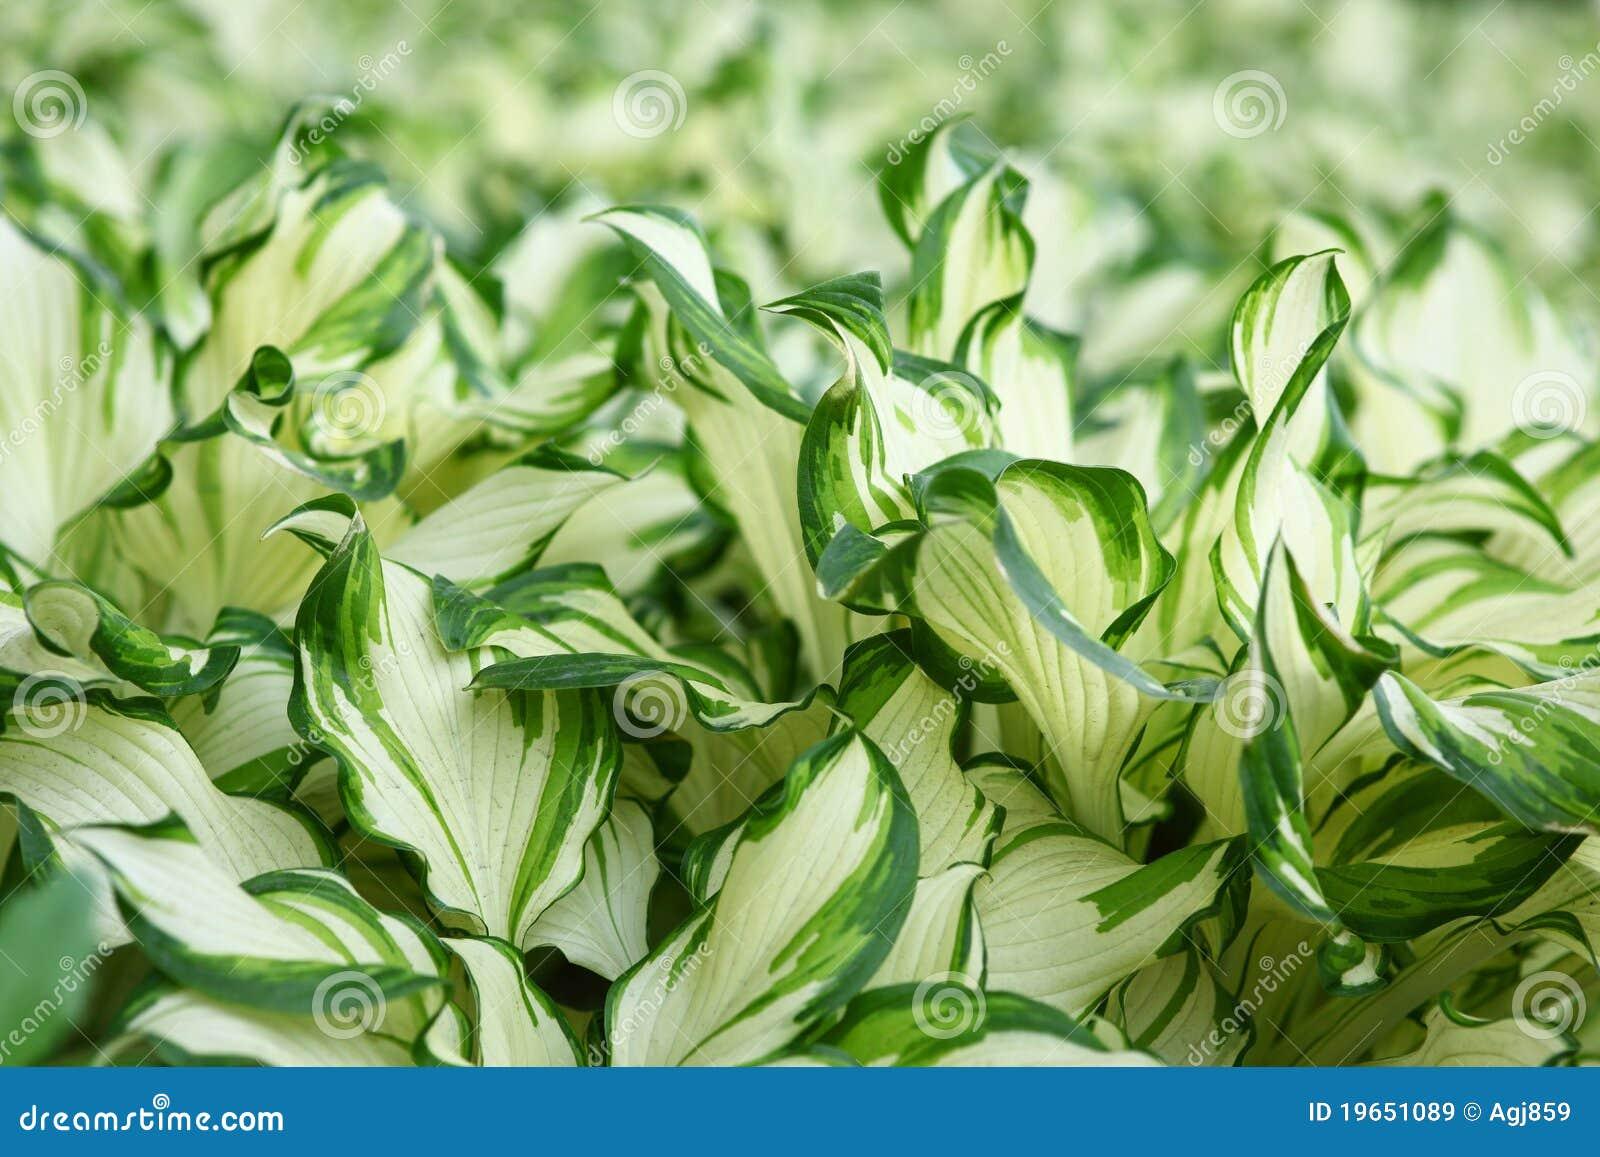 plantas jardim fotos:Plantas Na Borda Do Verde Do Jardim Imagens de Stock Royalty Free